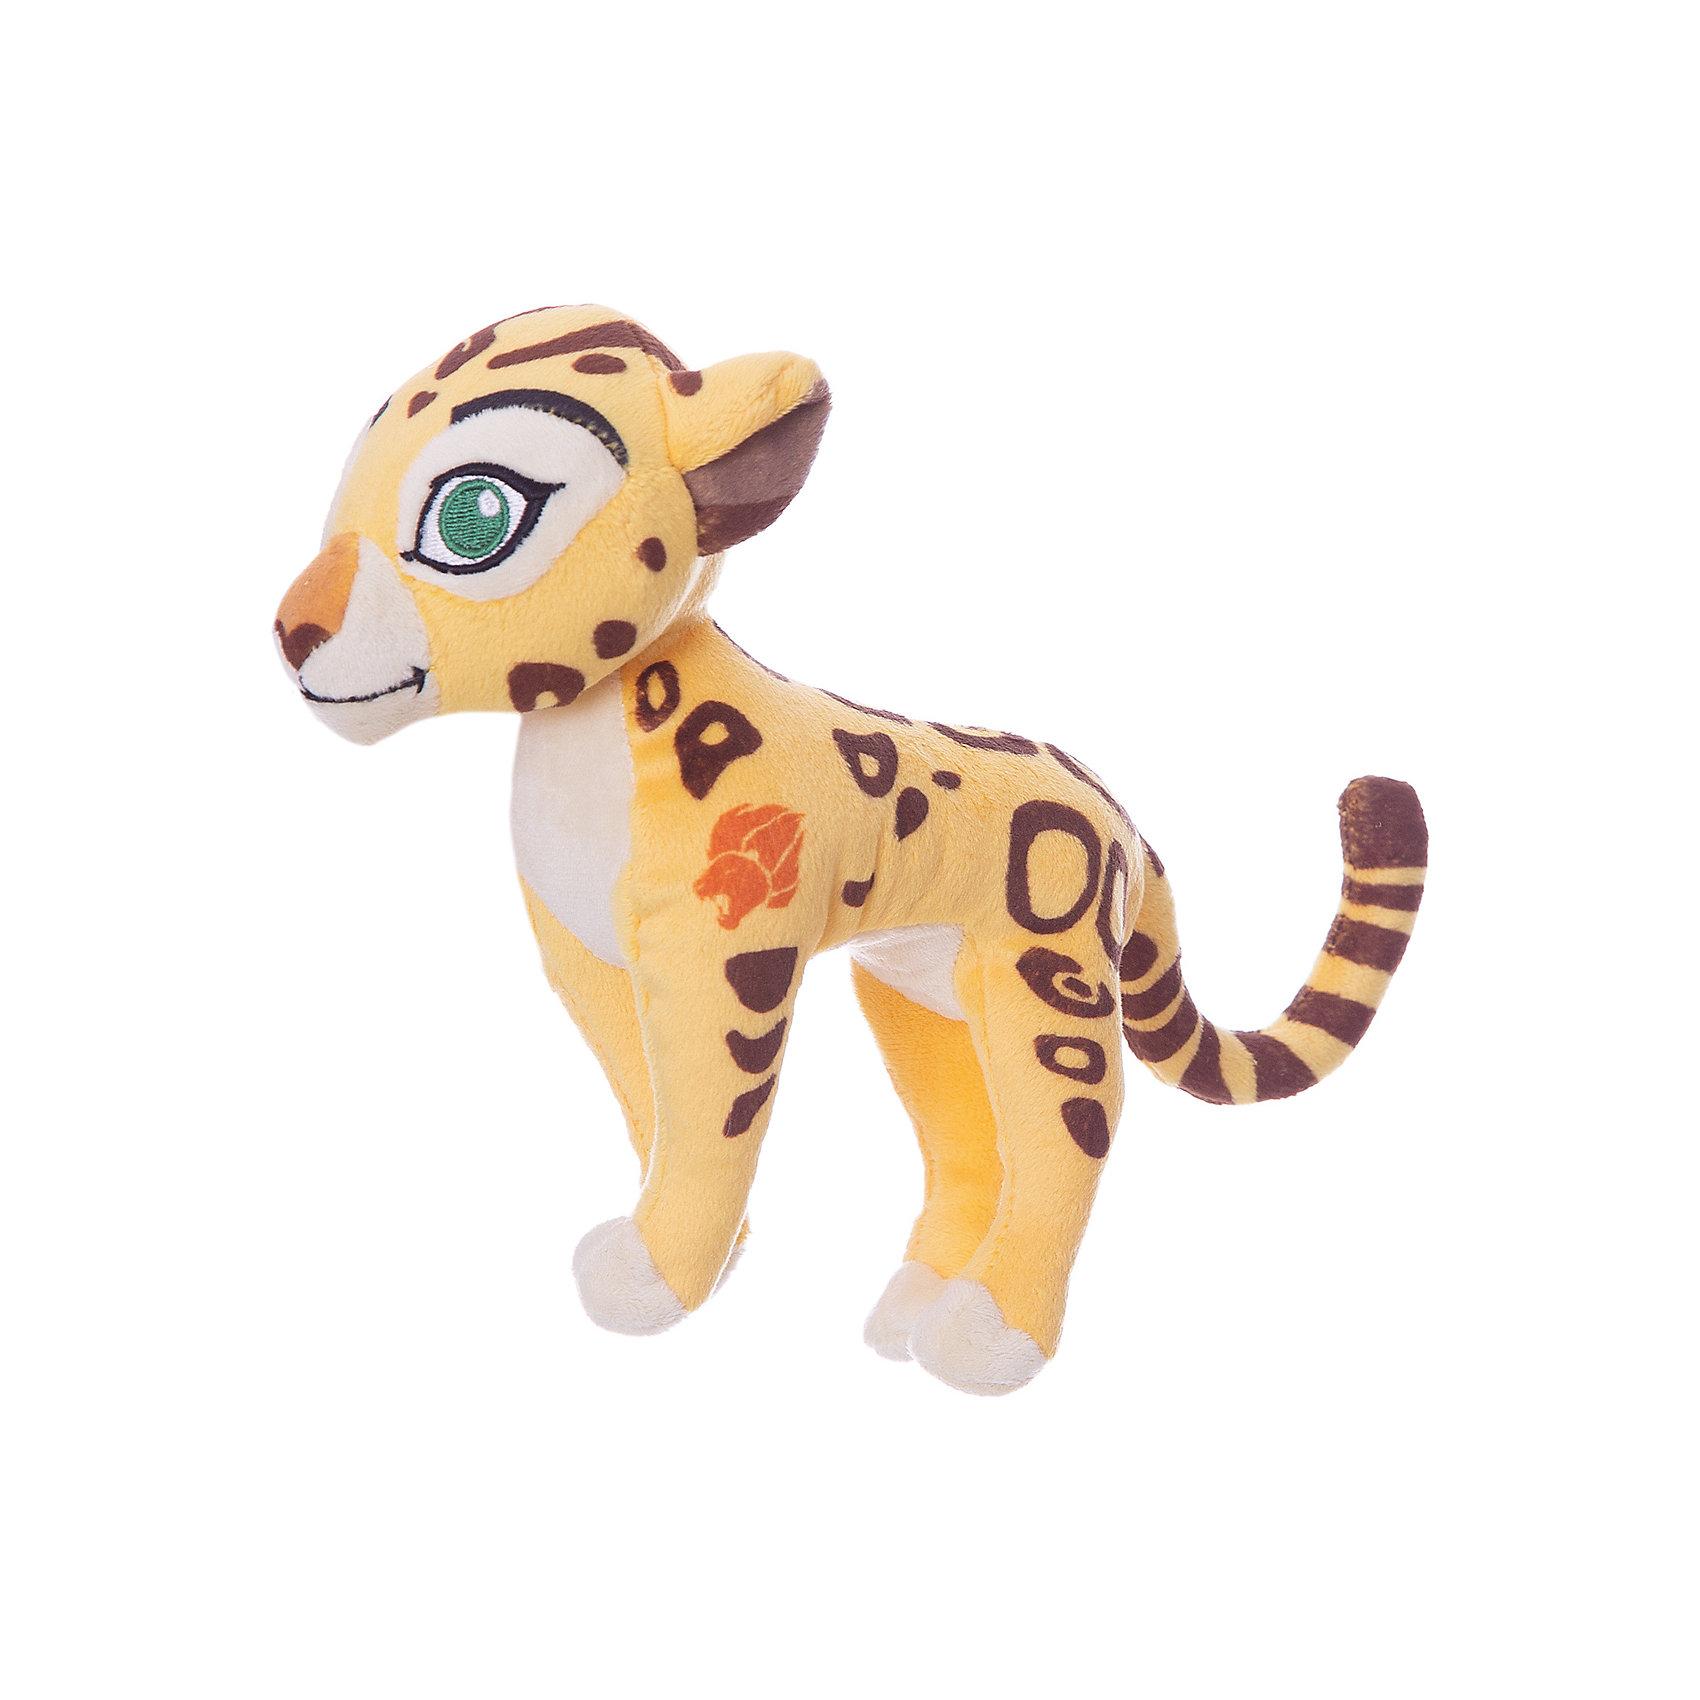 Мягкая игрушка Фули, 17 см, NicotoyЛюбимые герои<br>Характеристики товара:<br><br>• возраст от 3 лет;<br>• материал: плюш;<br>• размер игрушки 17 см;<br>• размер упаковки 20х8х8 см;<br>• вес упаковки 80 гр.;<br>• страна производитель: Китай.<br><br>Мягкая игрушка «Фули» Nicotoy — персонаж известного мультсериала «Хранитель Лев» гепард Фули. Фули — самый быстрый обитатель саванны. Игрушку можно брать с собой на прогулку, в детский садик, в гости к друзьям. Игрушка выполнена из качественного материала, безопасного для детей.<br><br>Мягкую игрушку «Фули» Nicotoy можно приобрести в нашем интернет-магазине.<br><br>Ширина мм: 200<br>Глубина мм: 80<br>Высота мм: 80<br>Вес г: 80<br>Возраст от месяцев: 36<br>Возраст до месяцев: 96<br>Пол: Женский<br>Возраст: Детский<br>SKU: 5613501